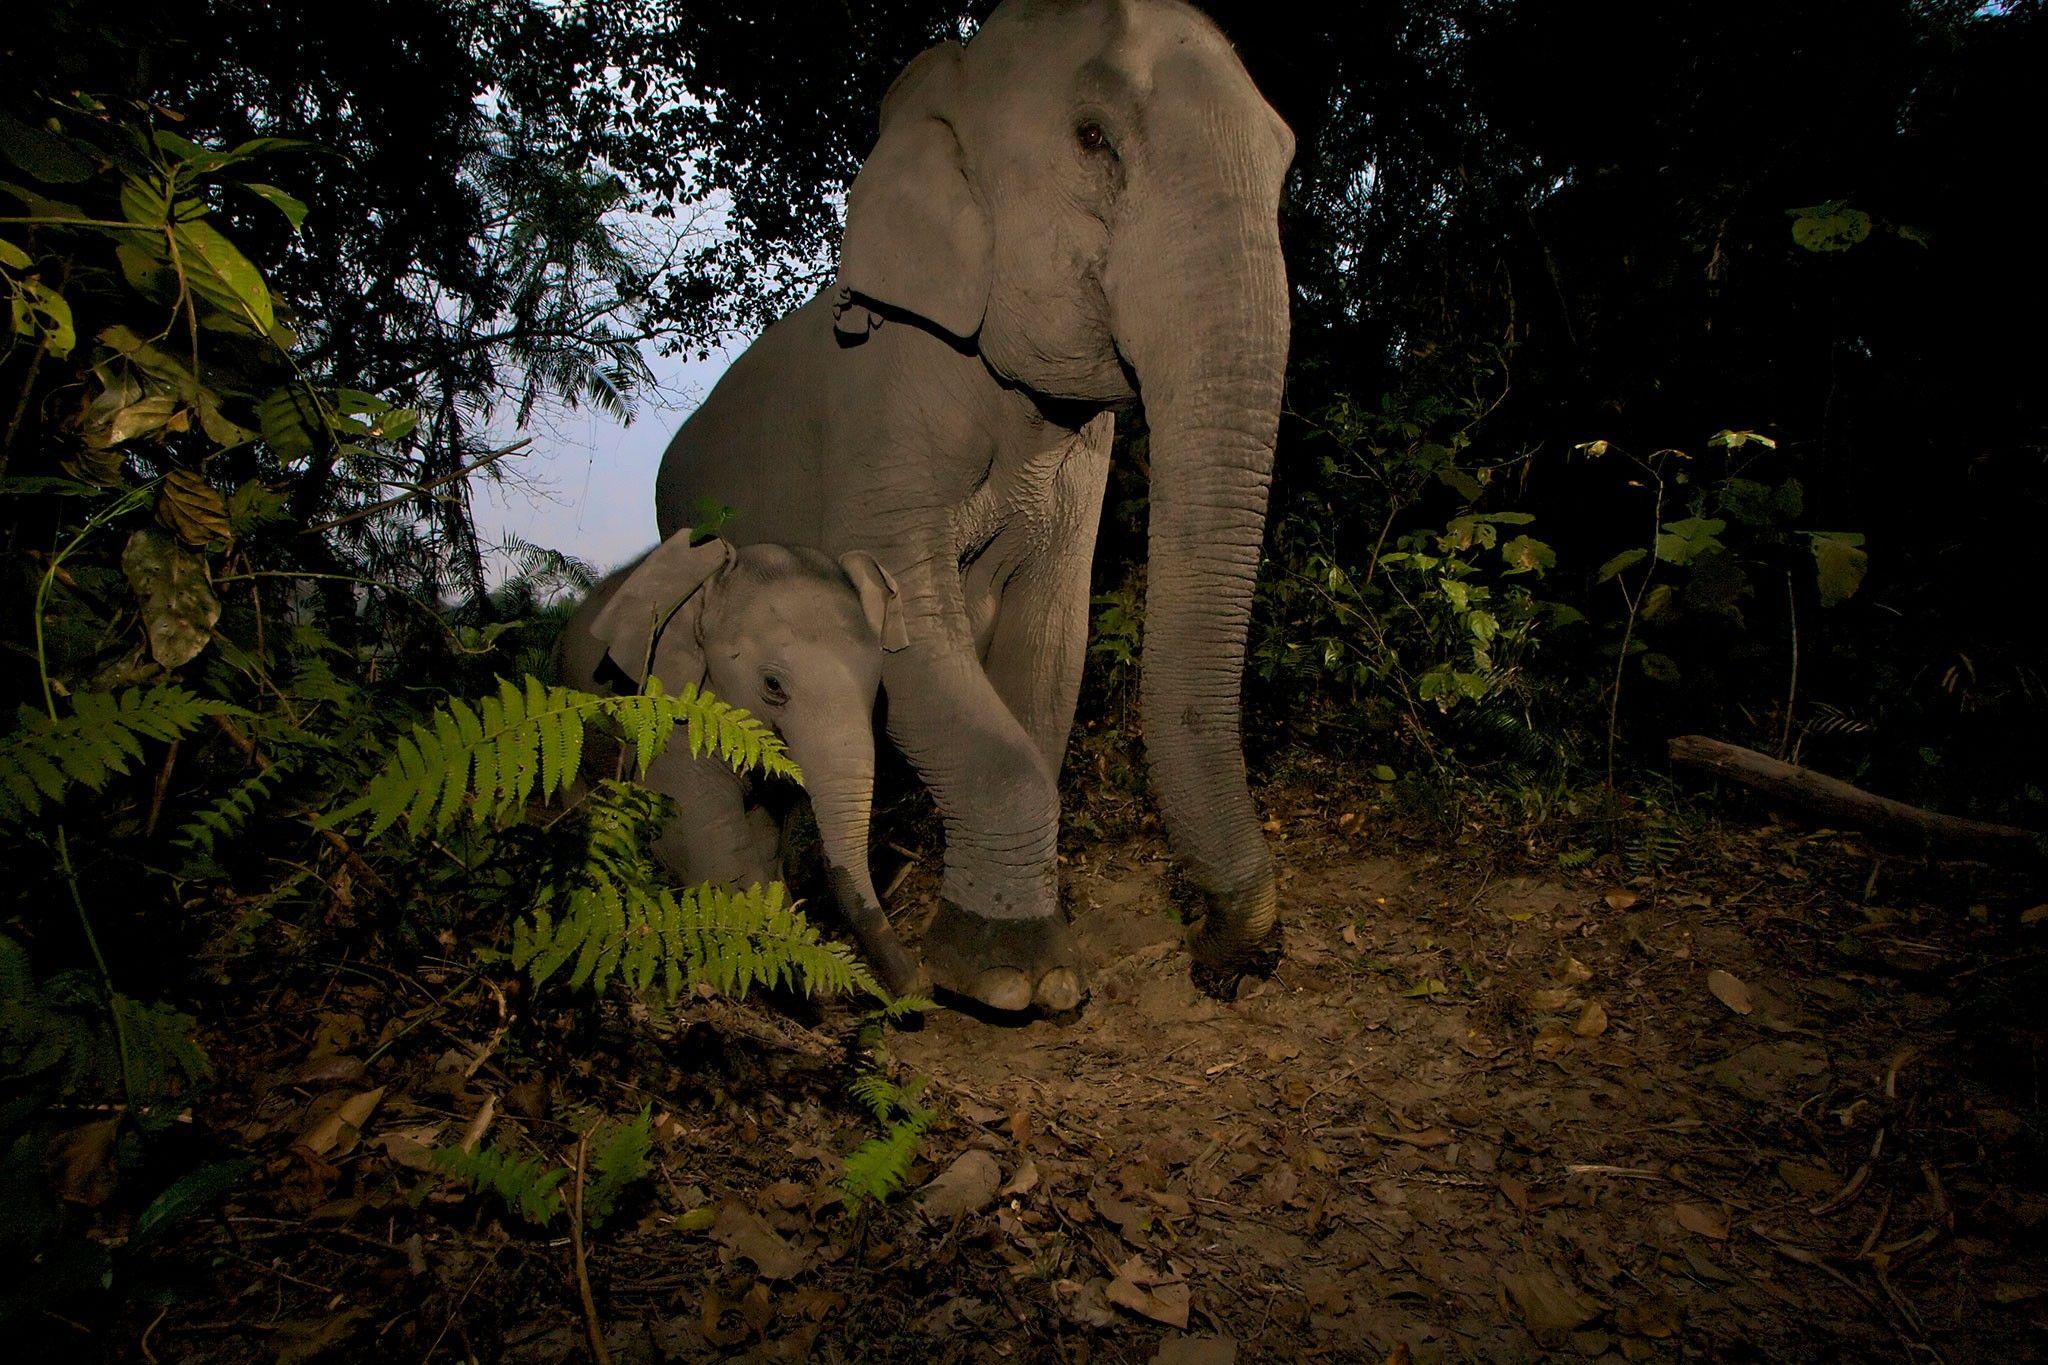 Filhotes de elefantes asiáticos estão sendo aleijados por armadilhas | National Geographic